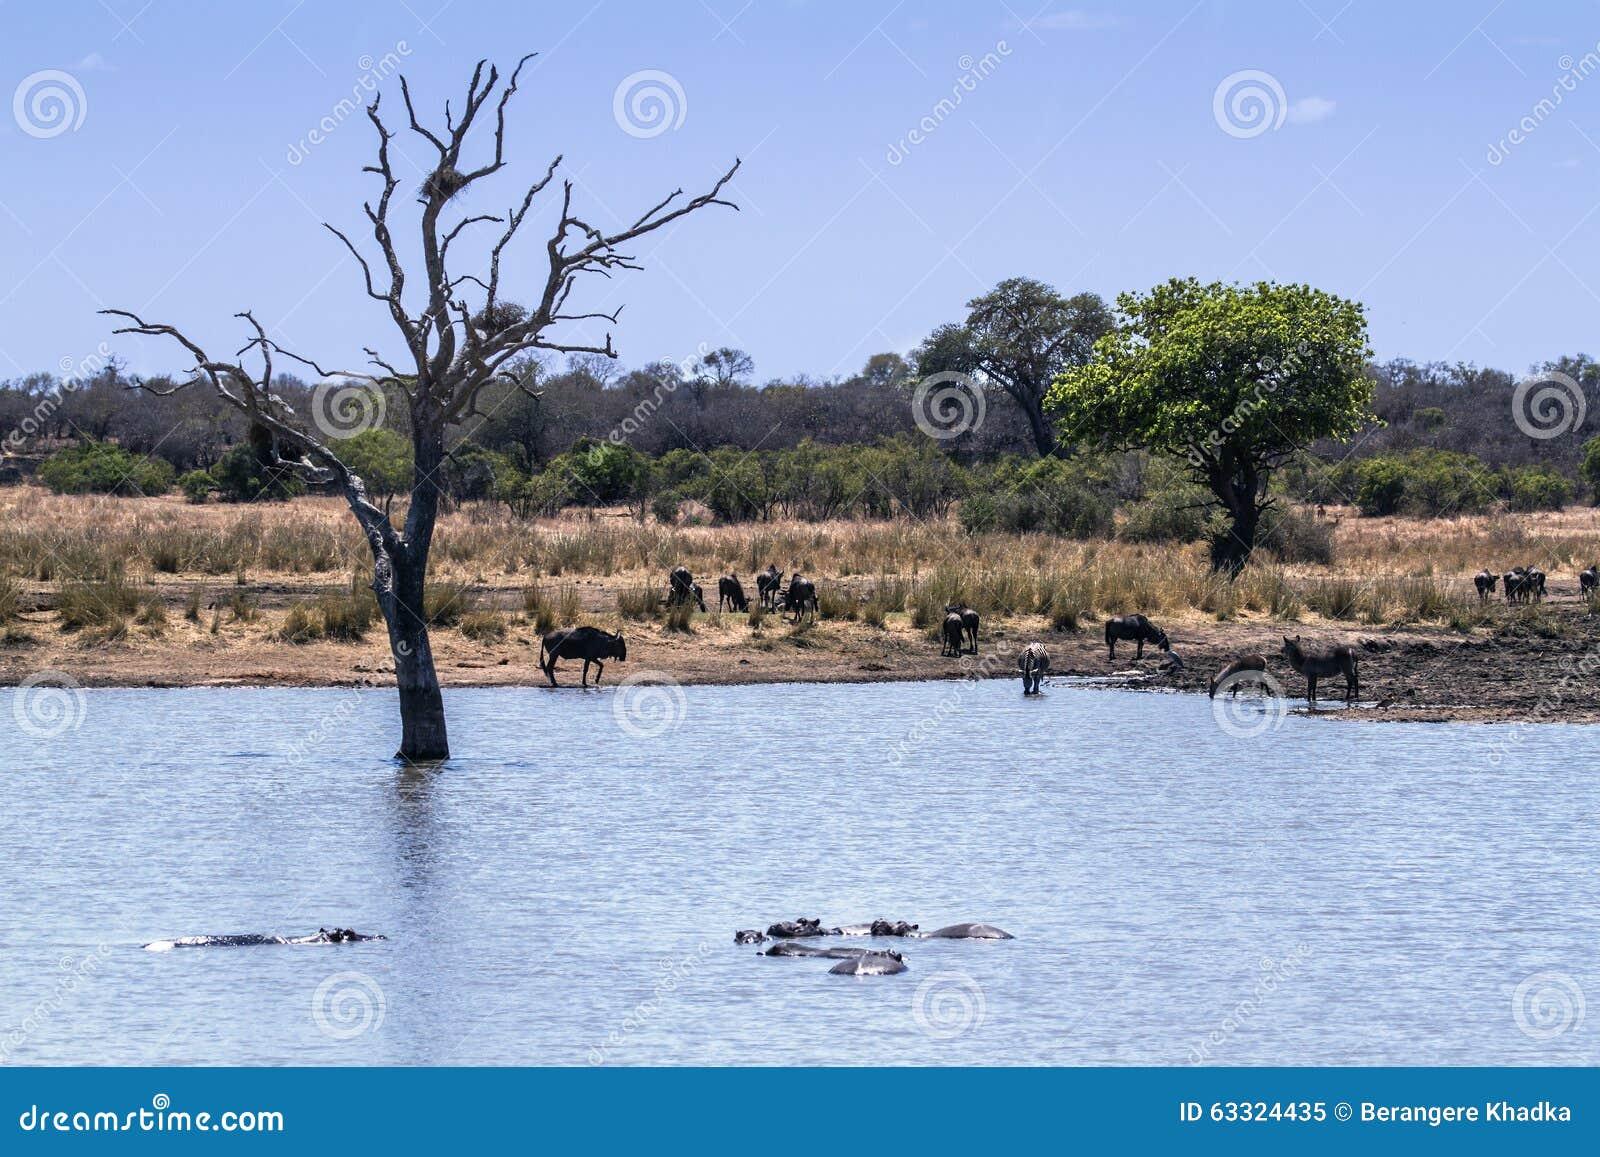 wildlife and veld landscape in kruger national park stock